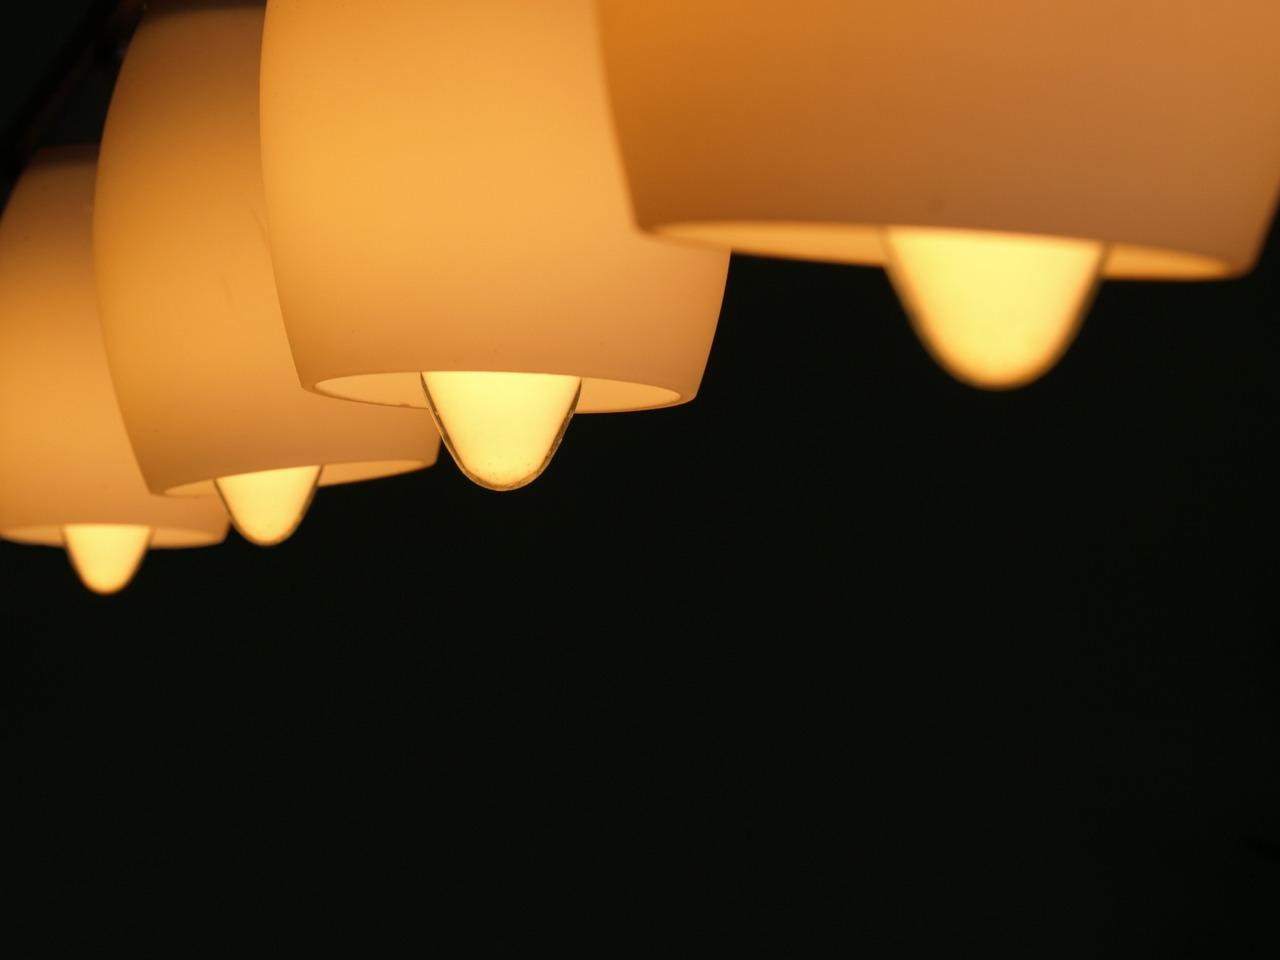 Comment diriger l'attention de votre public grâce à l'éclairage évènementiel ?